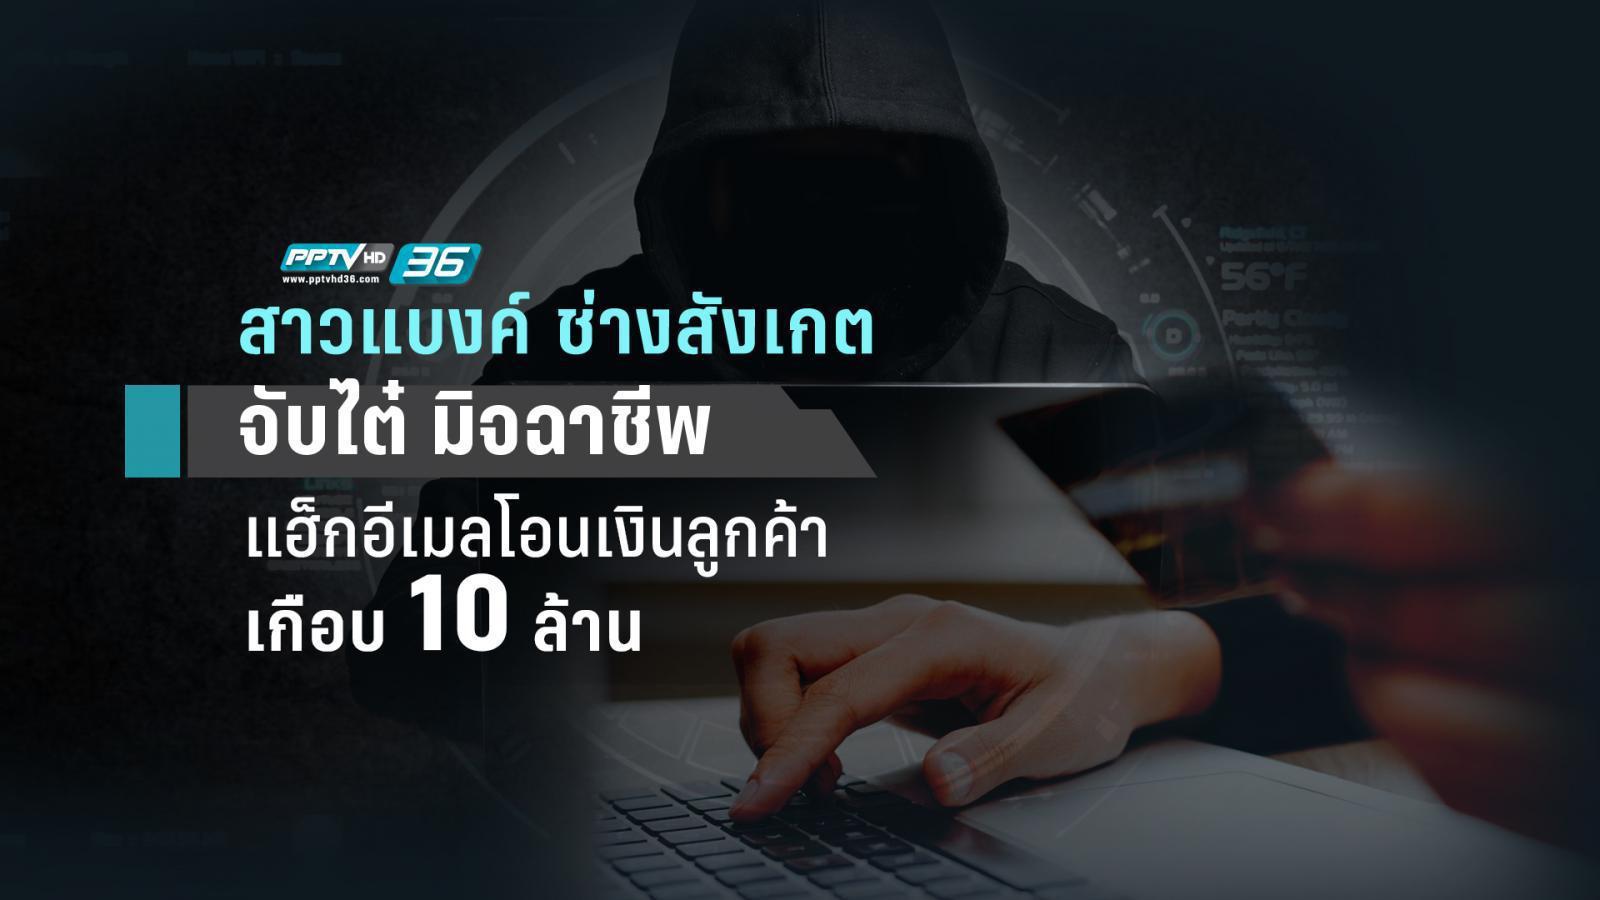 ช่างสังเกต  พนักงานแบงค์ธนชาต จับไต๋คนร้ายแฮ็กอีเมล ป้องกันลูกค้าสูญเงินเกือบสิบล้าน